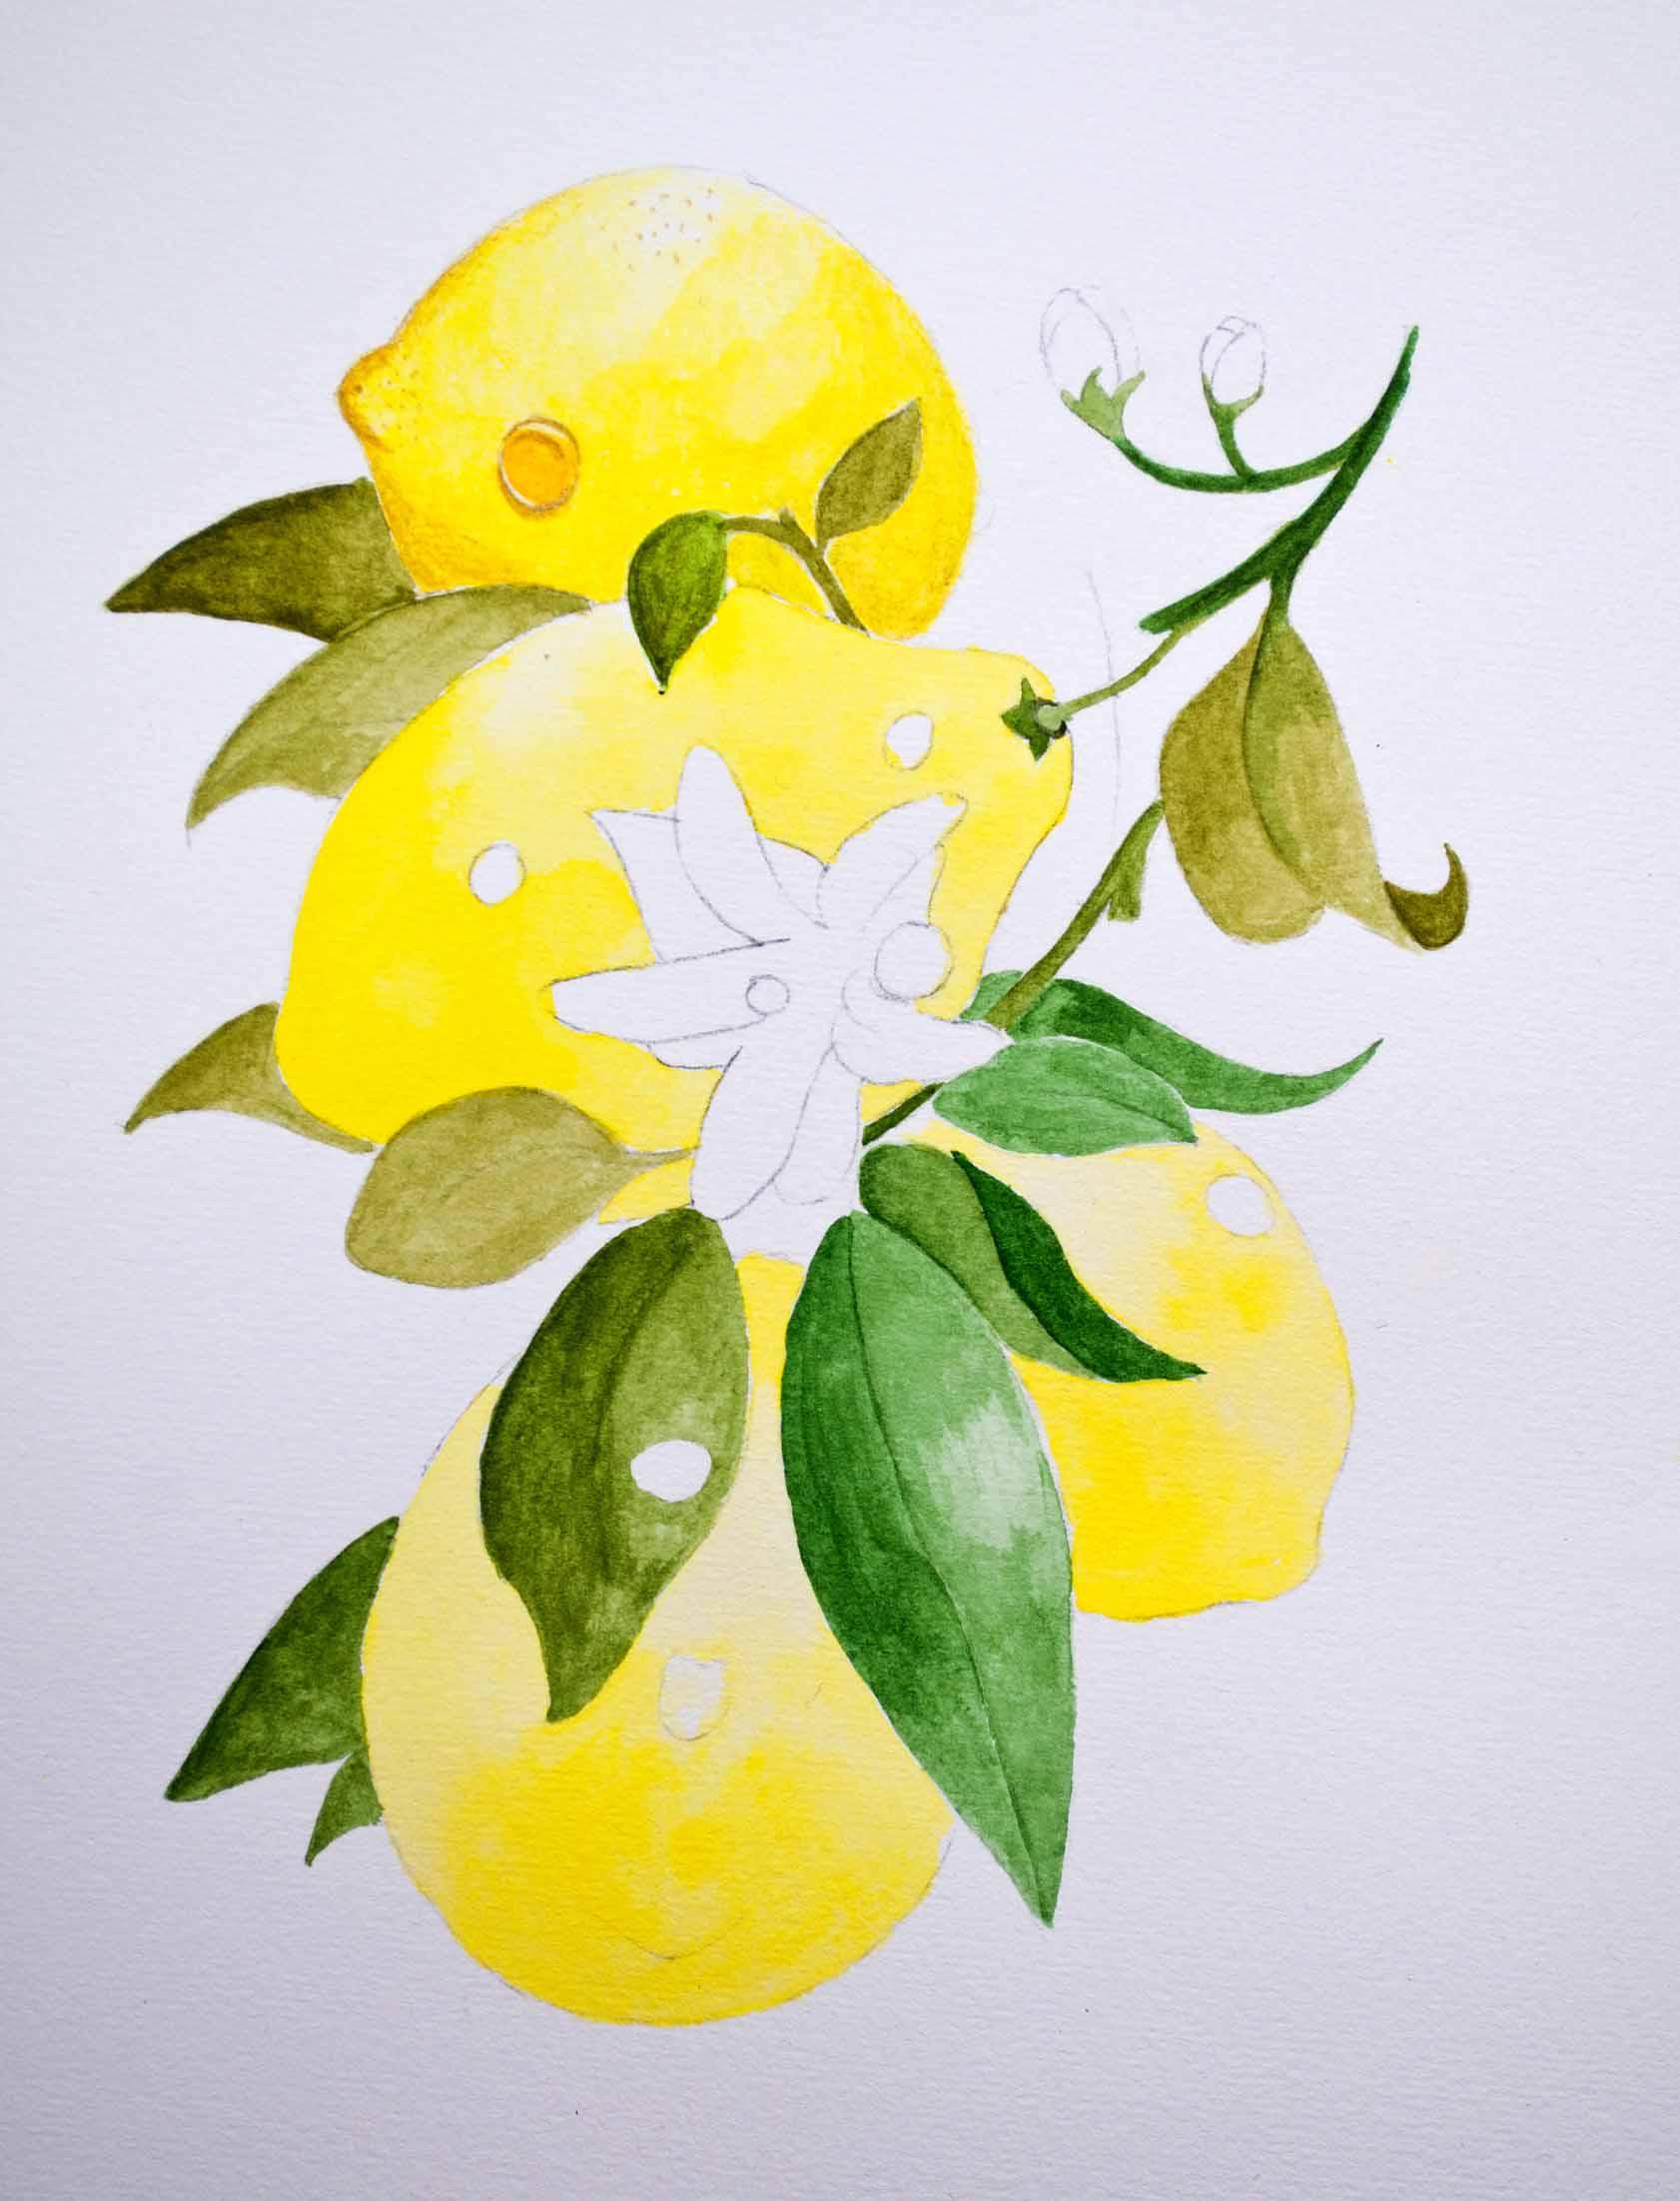 W&N Lemons image 1.jpg